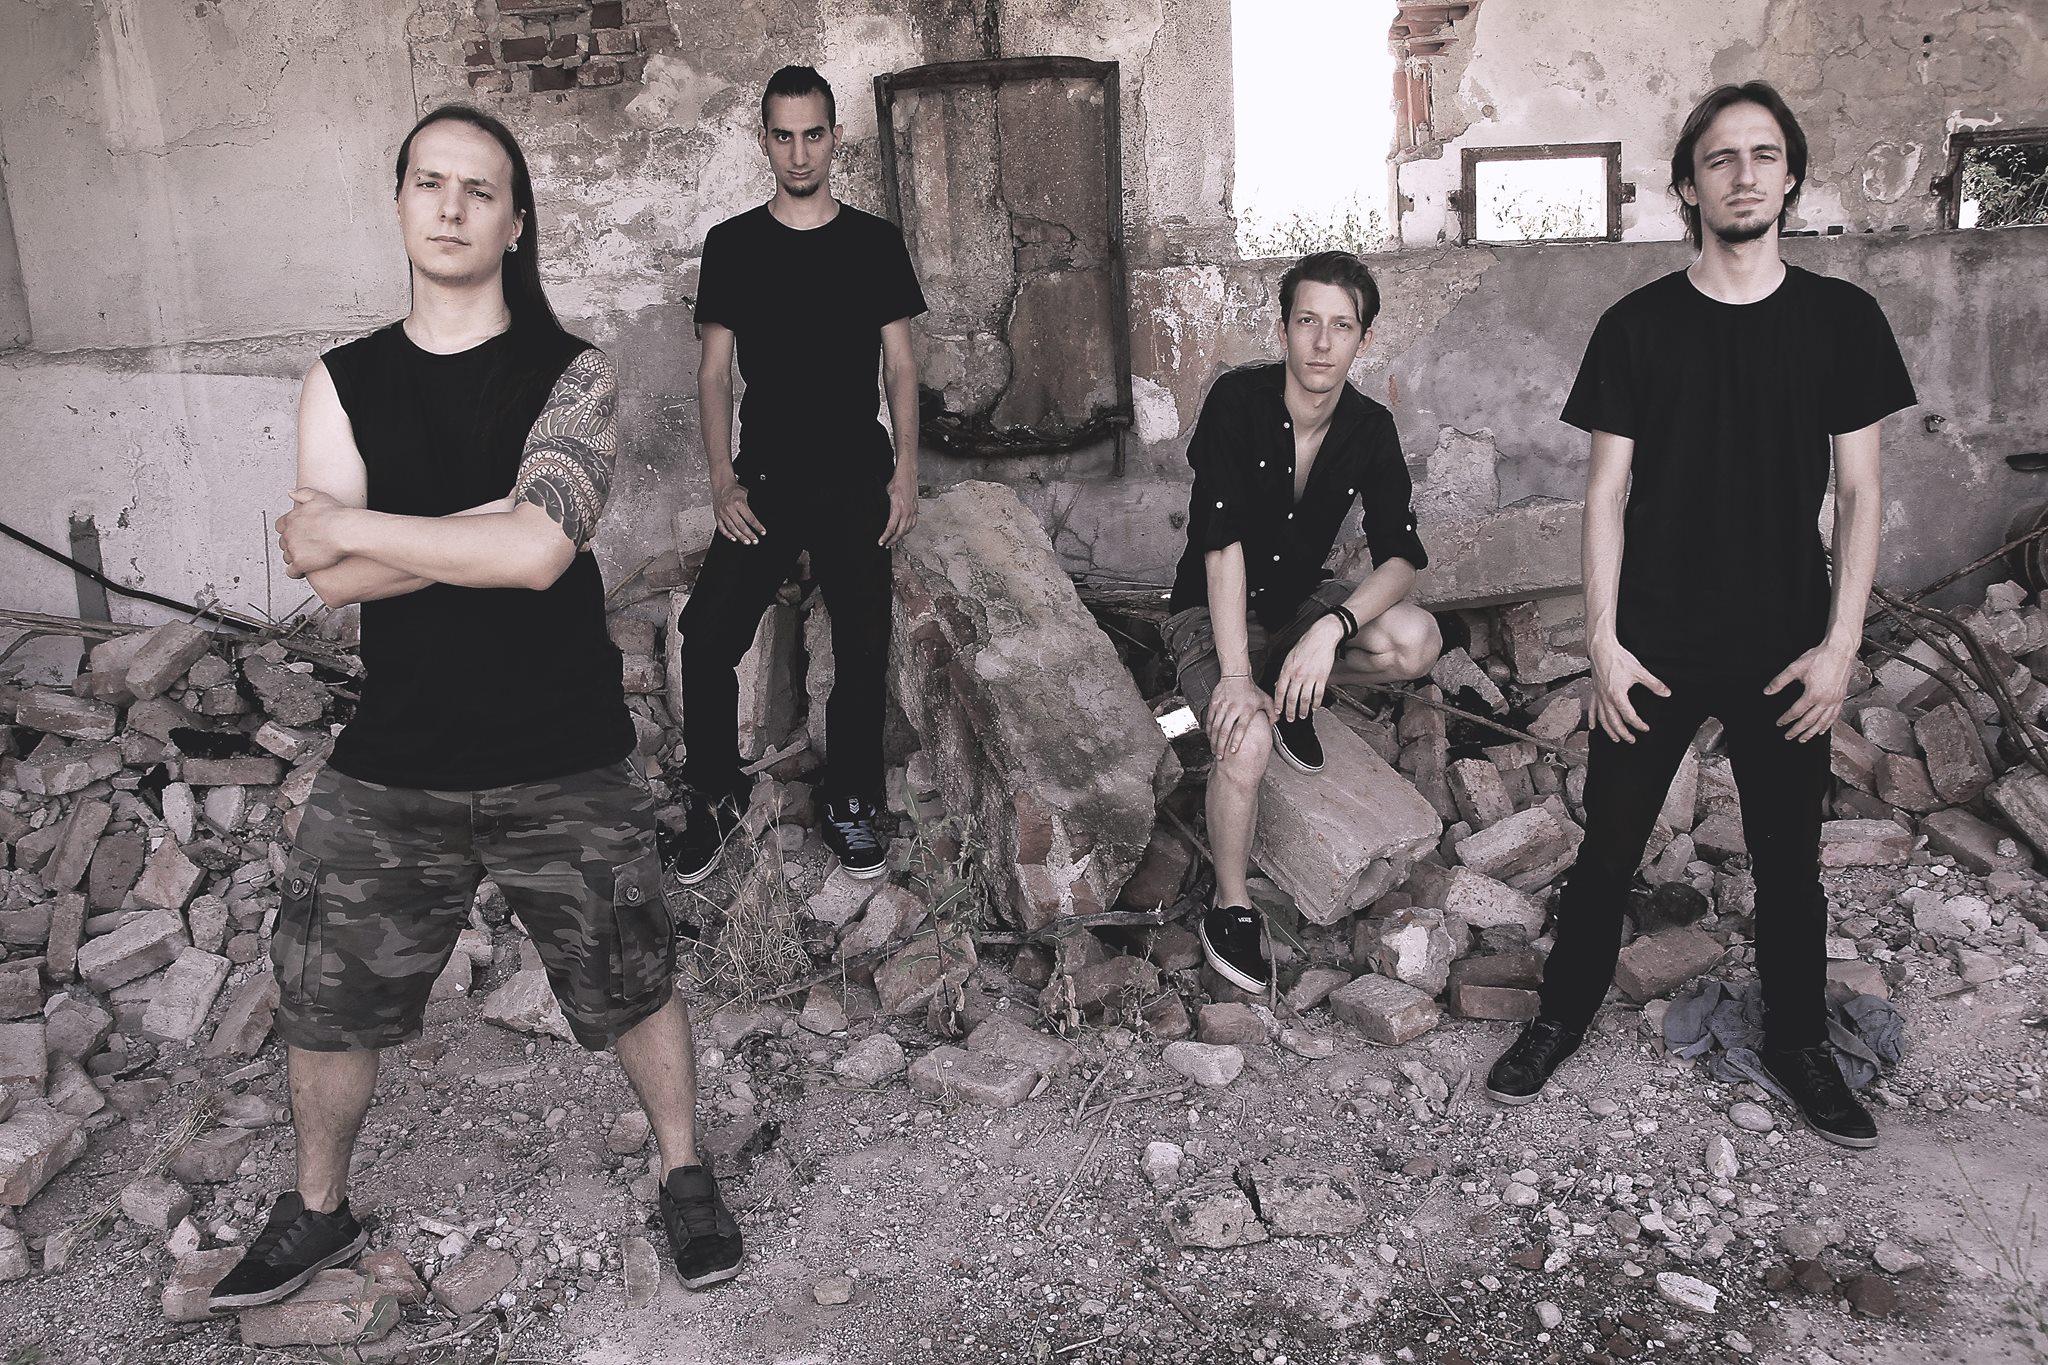 義大利死亡金屬樂團 Spiritual Deception EP單曲釋出 Malum